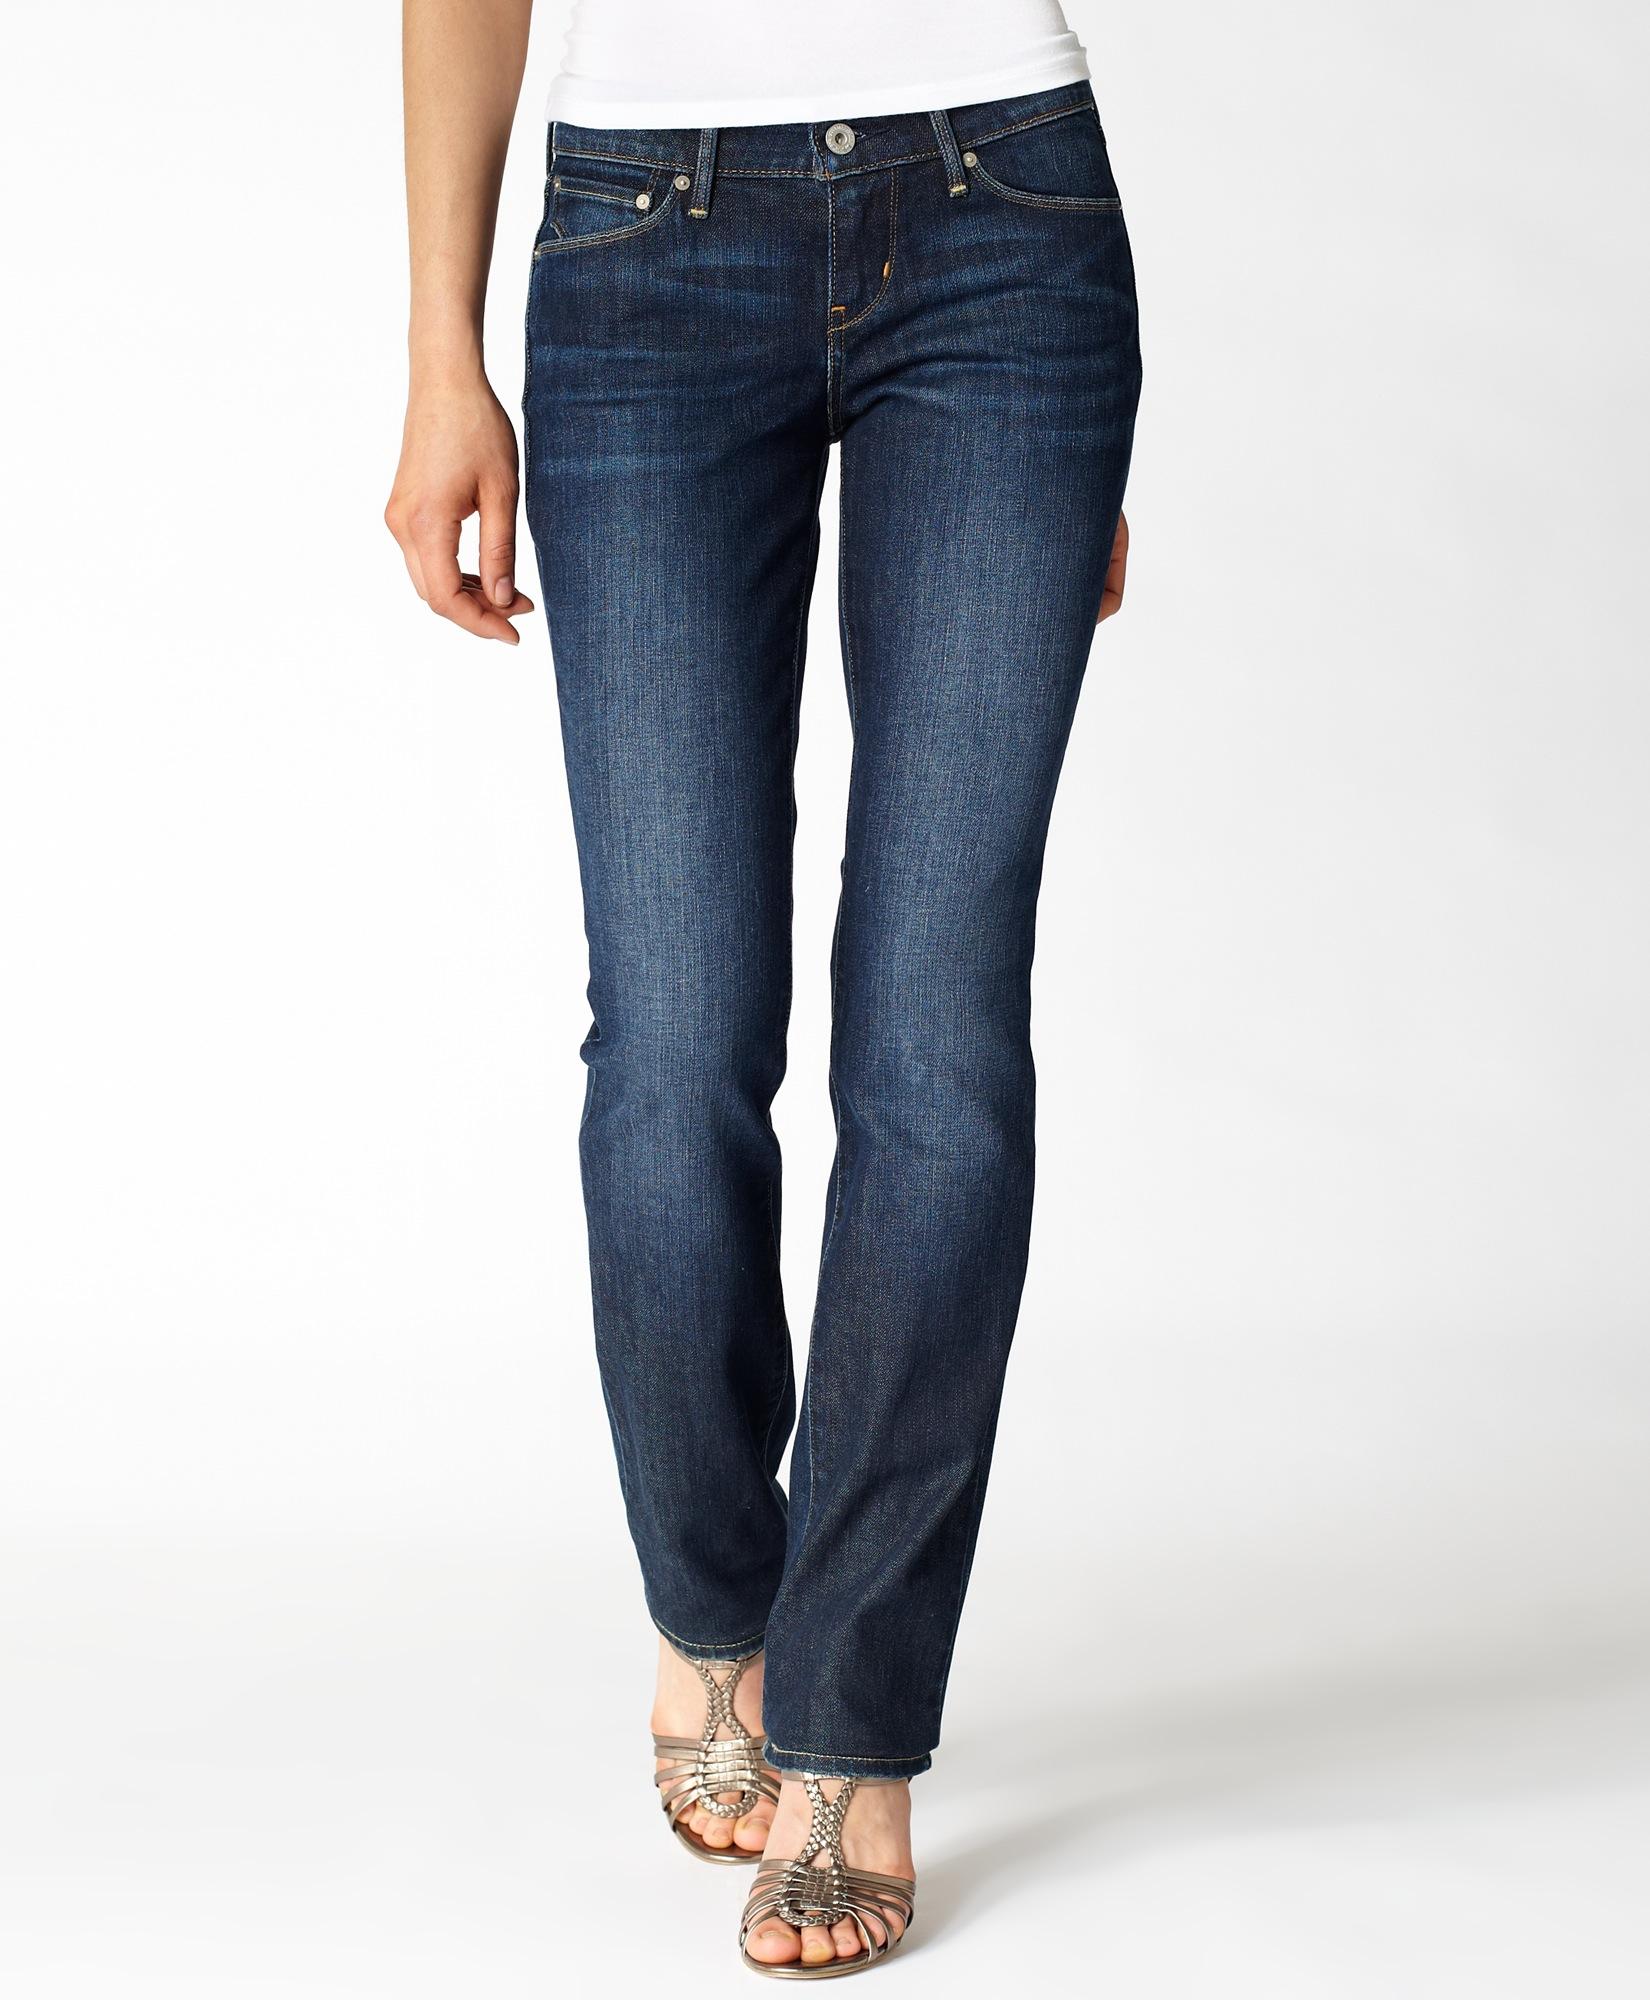 Кожаные брюки женские интернет магазин